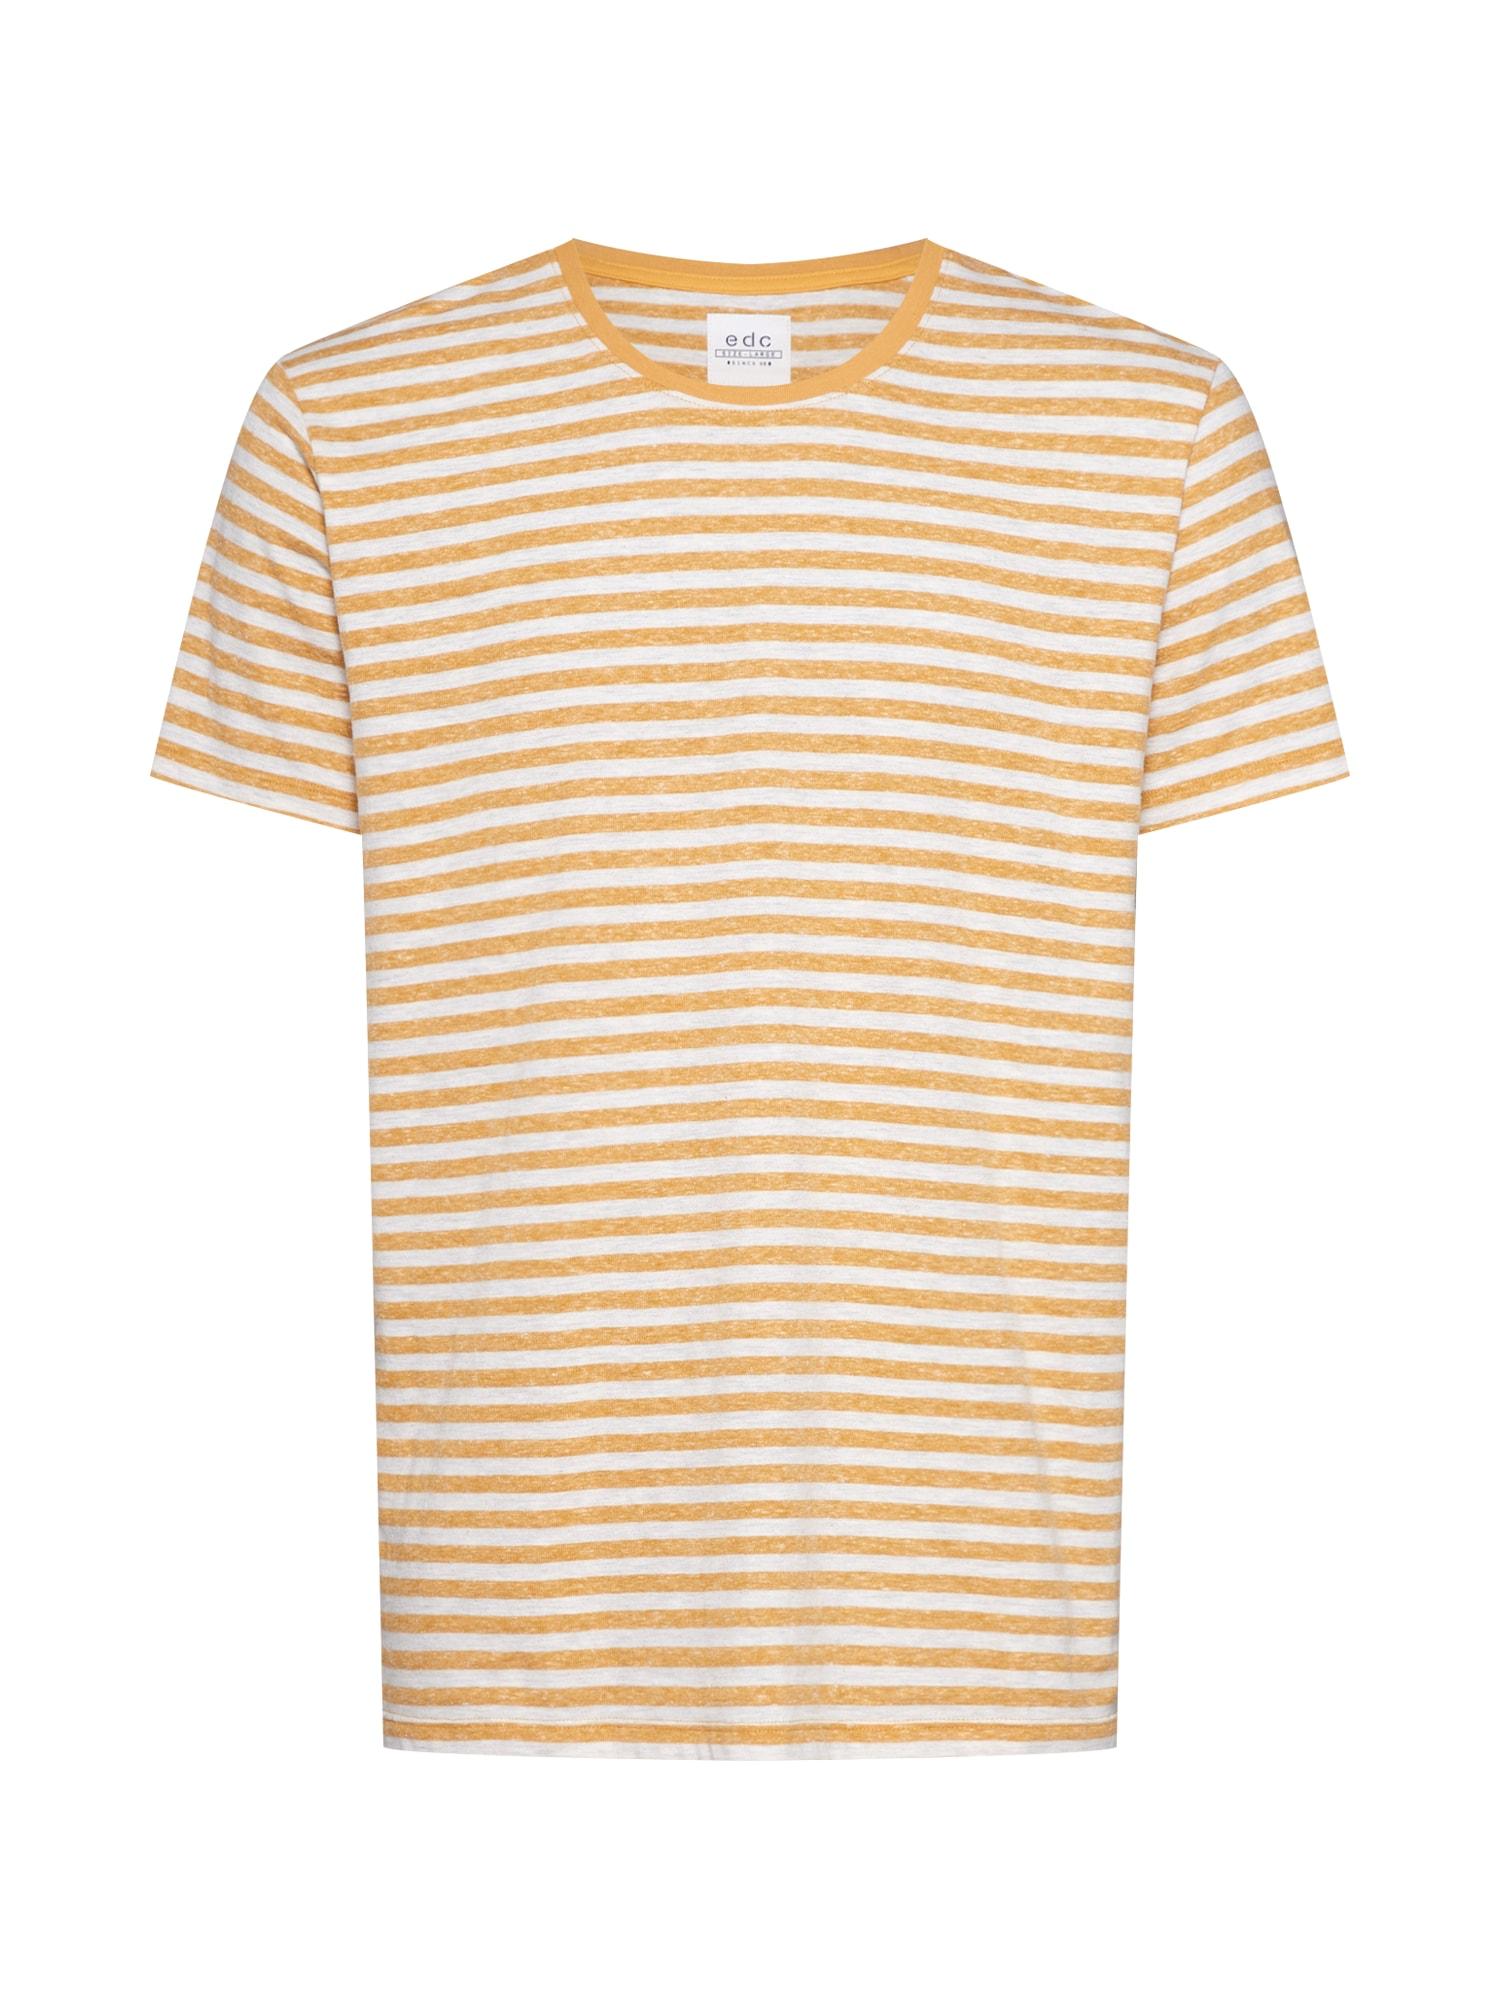 EDC BY ESPRIT Marškinėliai geltona / medaus spalva / balta